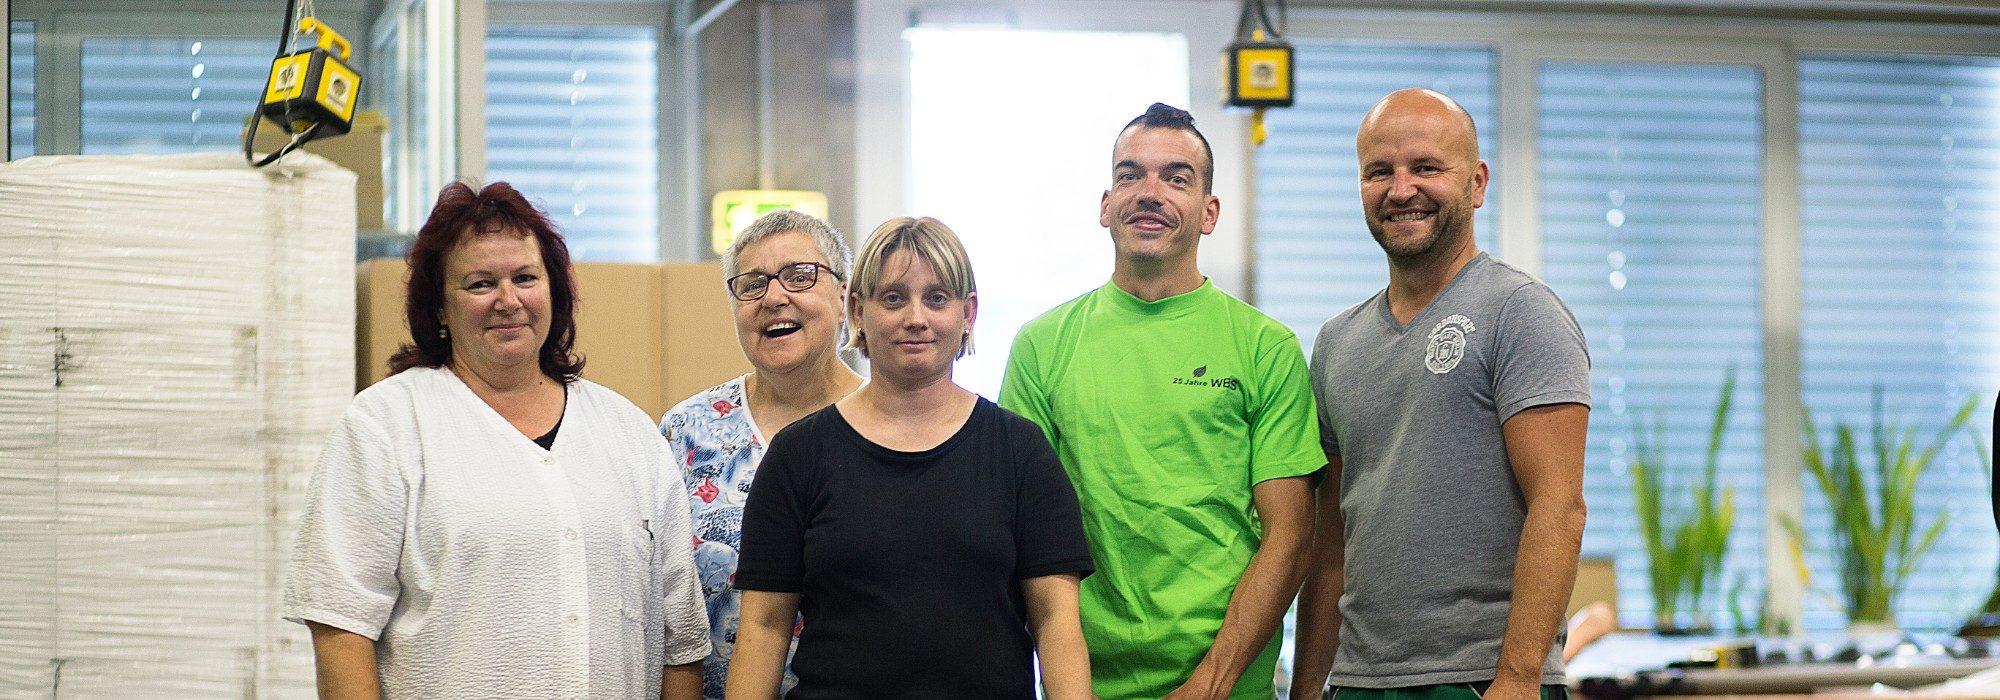 Gruppenbild von beschäftigten Mitarbeitern